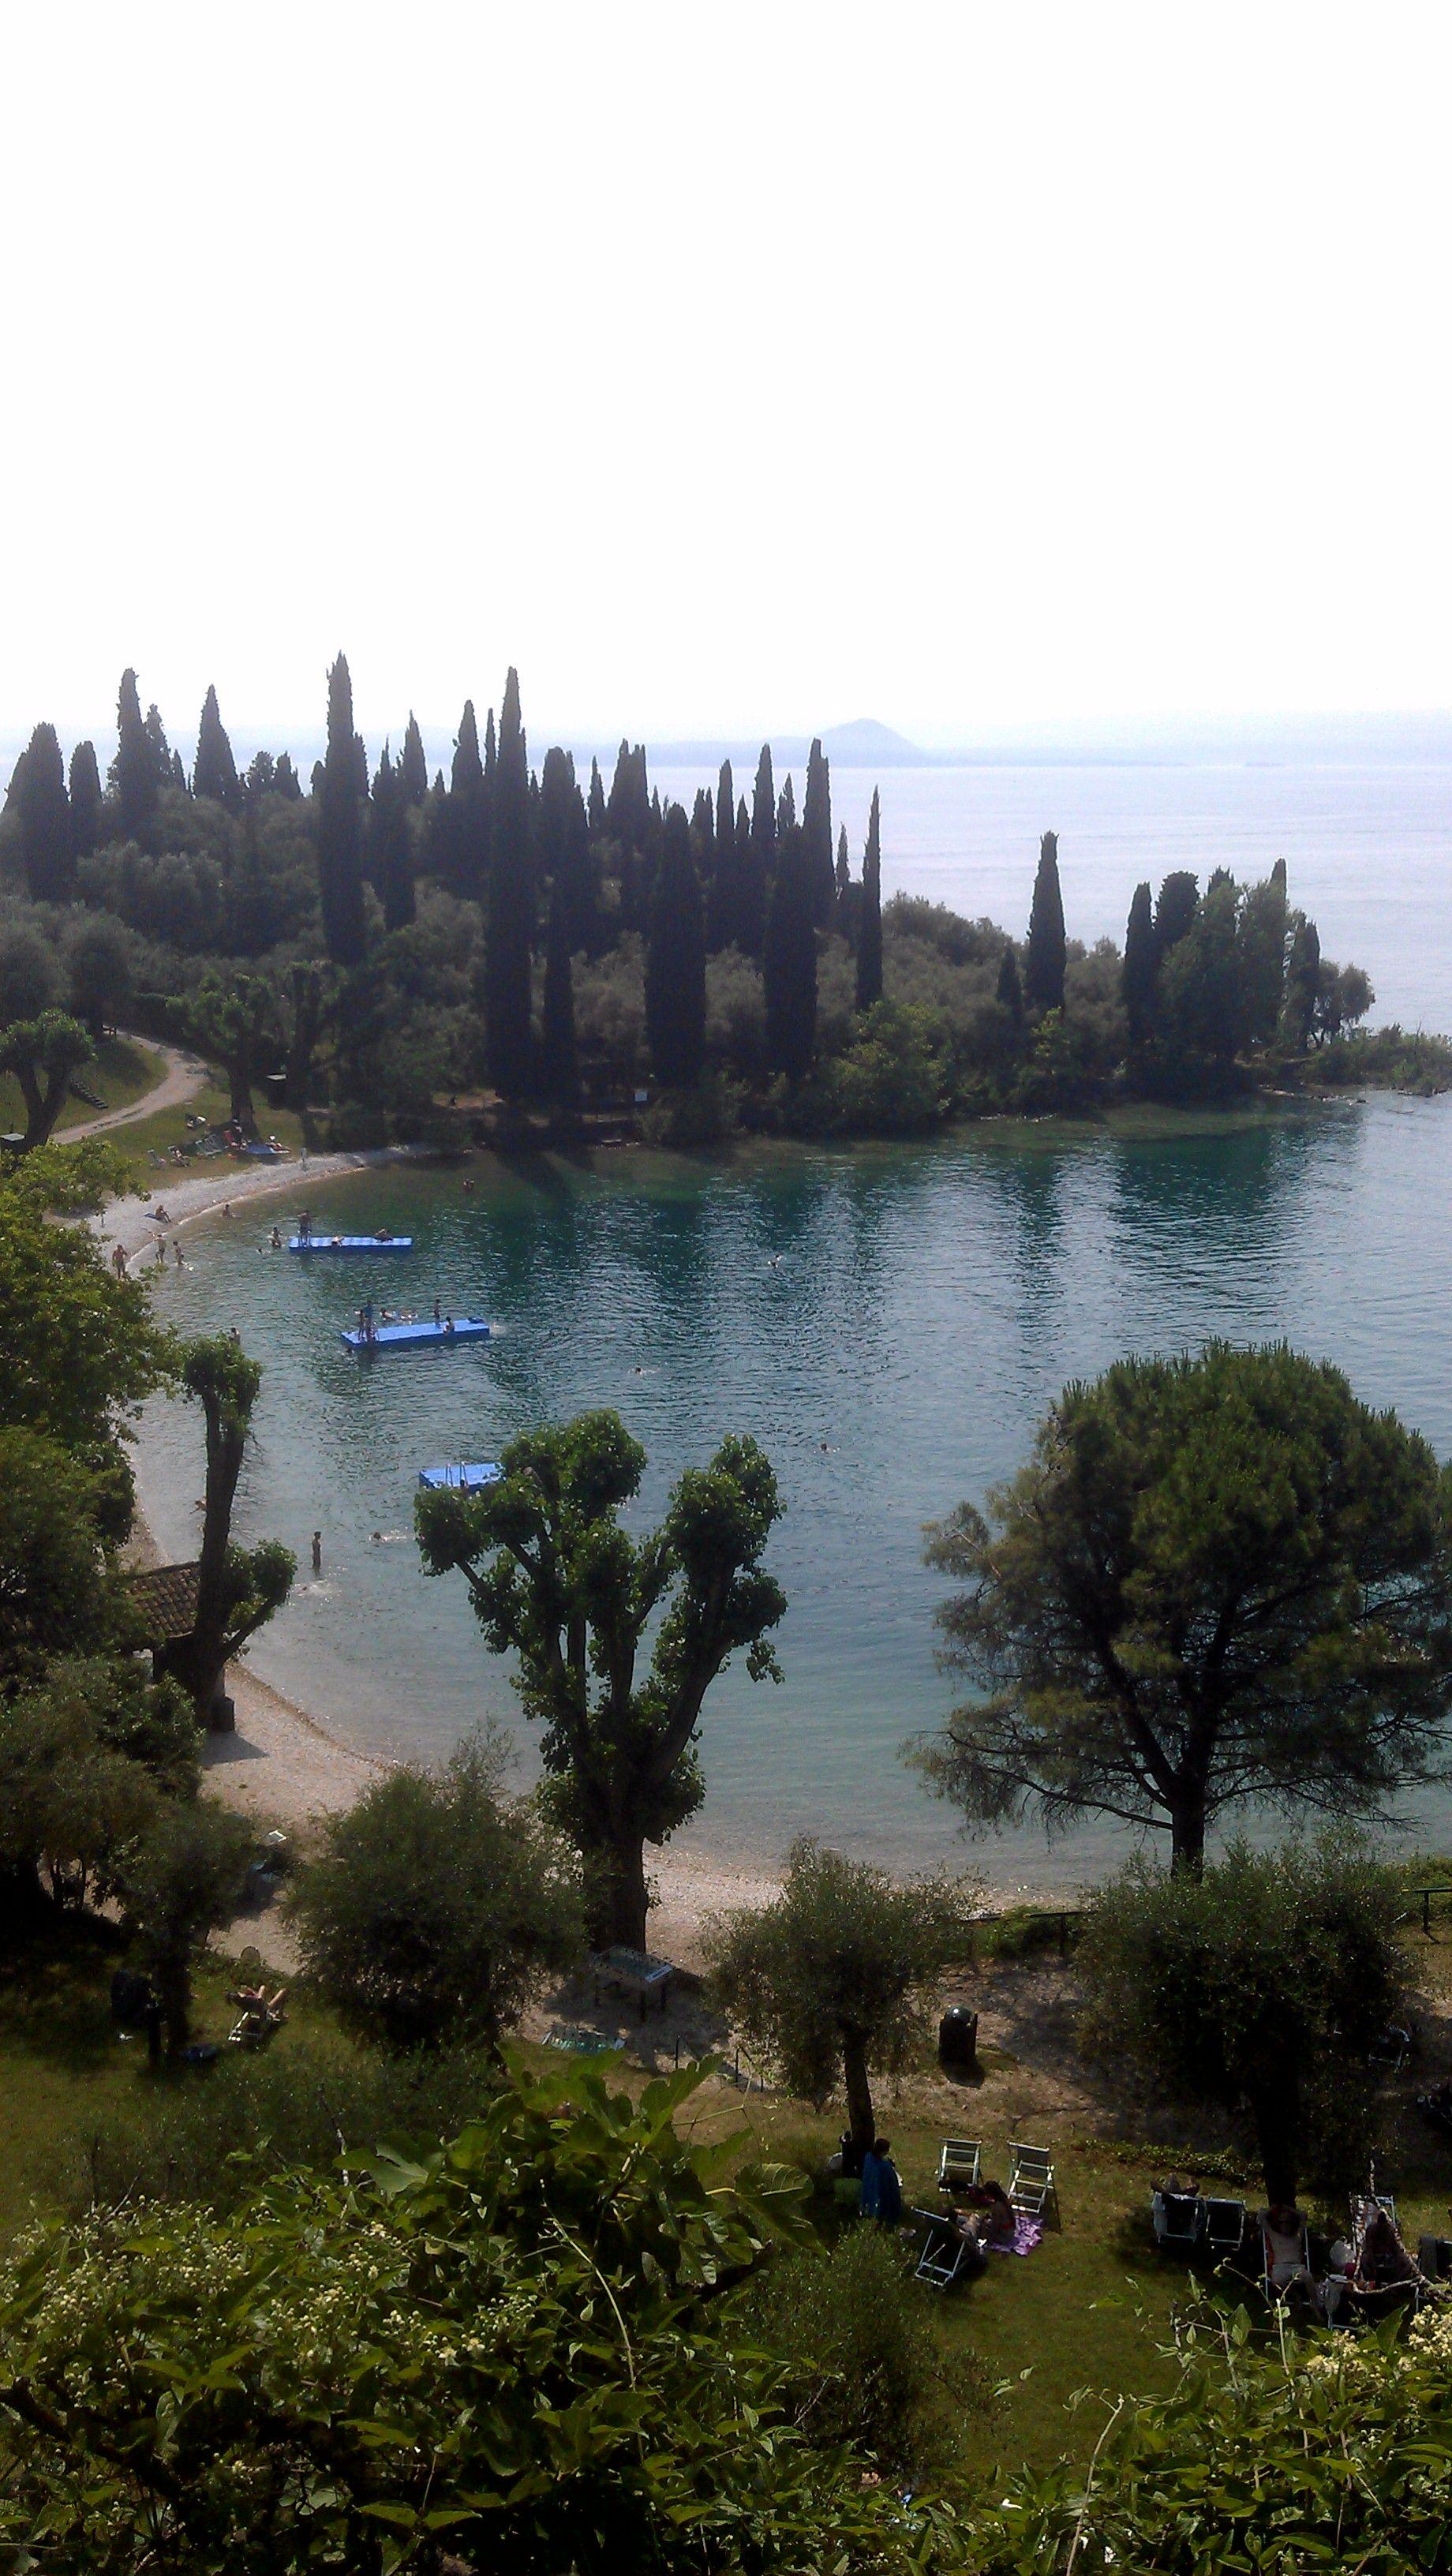 Baia Delle Sirene Lago Di Garda Verona Italy By Anto Mit